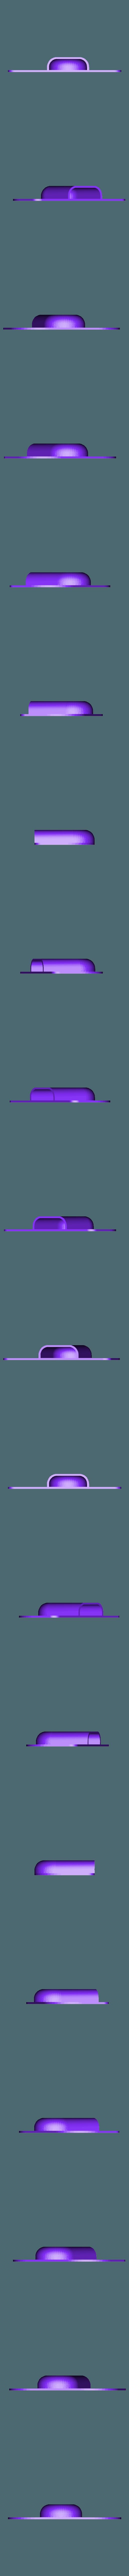 PROTECTOR AIRE.STL Télécharger fichier STL gratuit PROTECTEUR ÉLECTRONIQUE DE VENTILATEUR 3 • Modèle à imprimer en 3D, pinzonjoseluis91